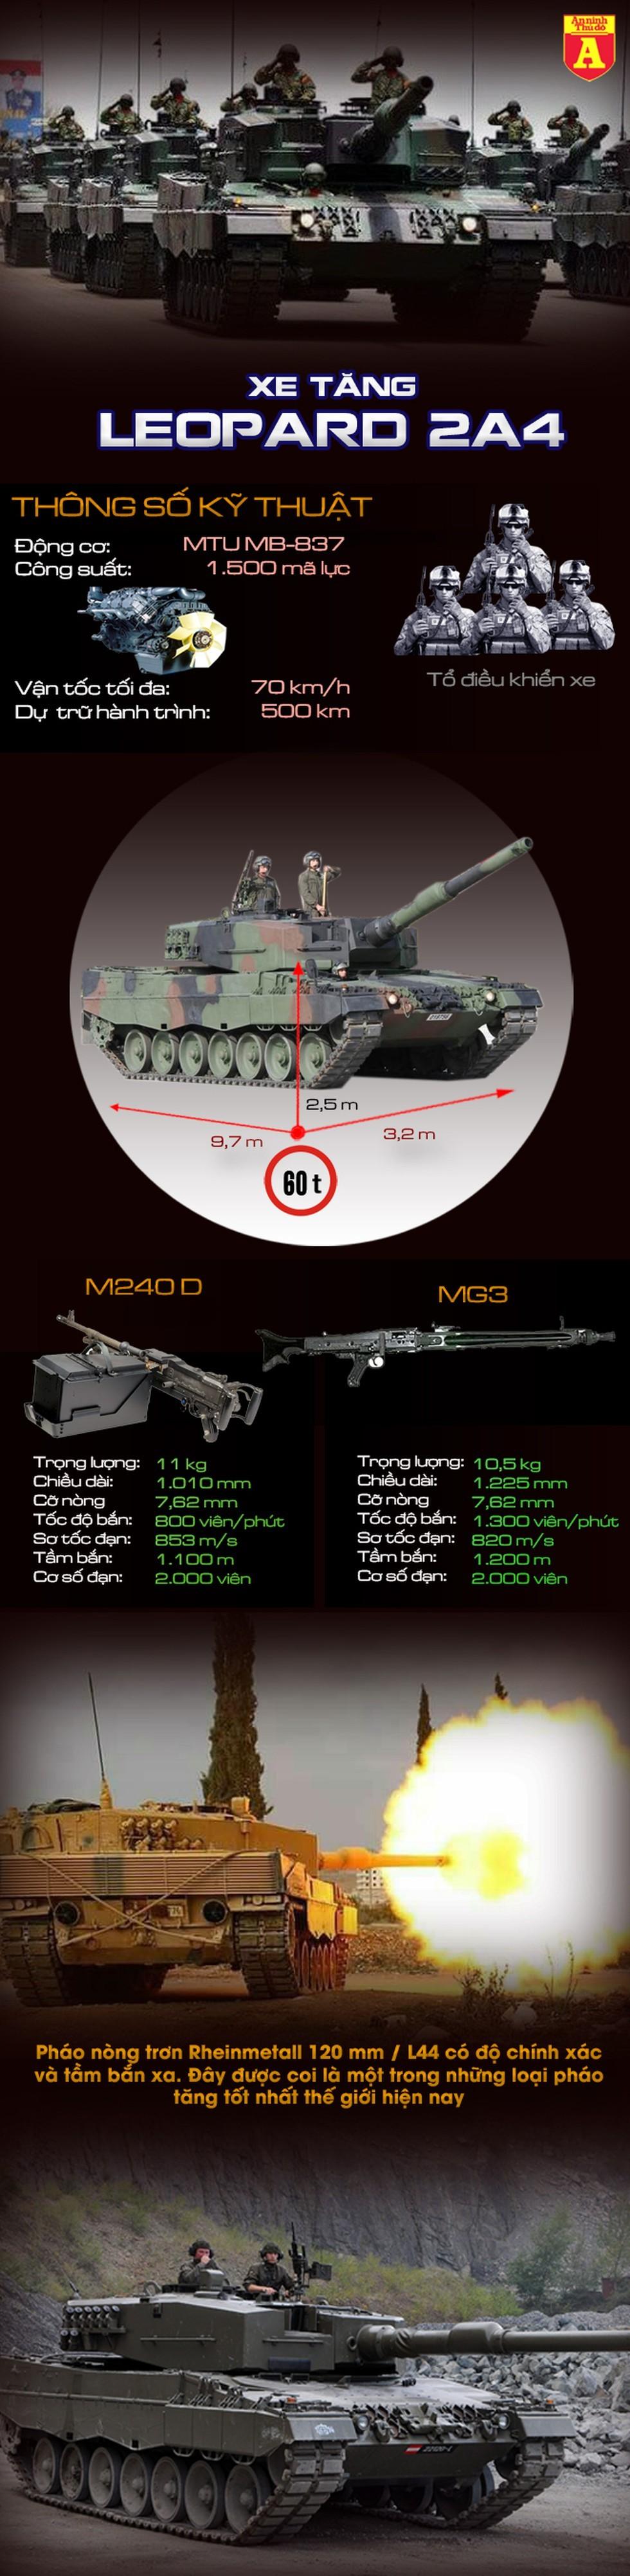 """[Info] Chiến trường Syria trở thành """"máy nghiền"""" xe tăng Leopard 2A4 Thổ Nhĩ Kỳ ảnh 2"""